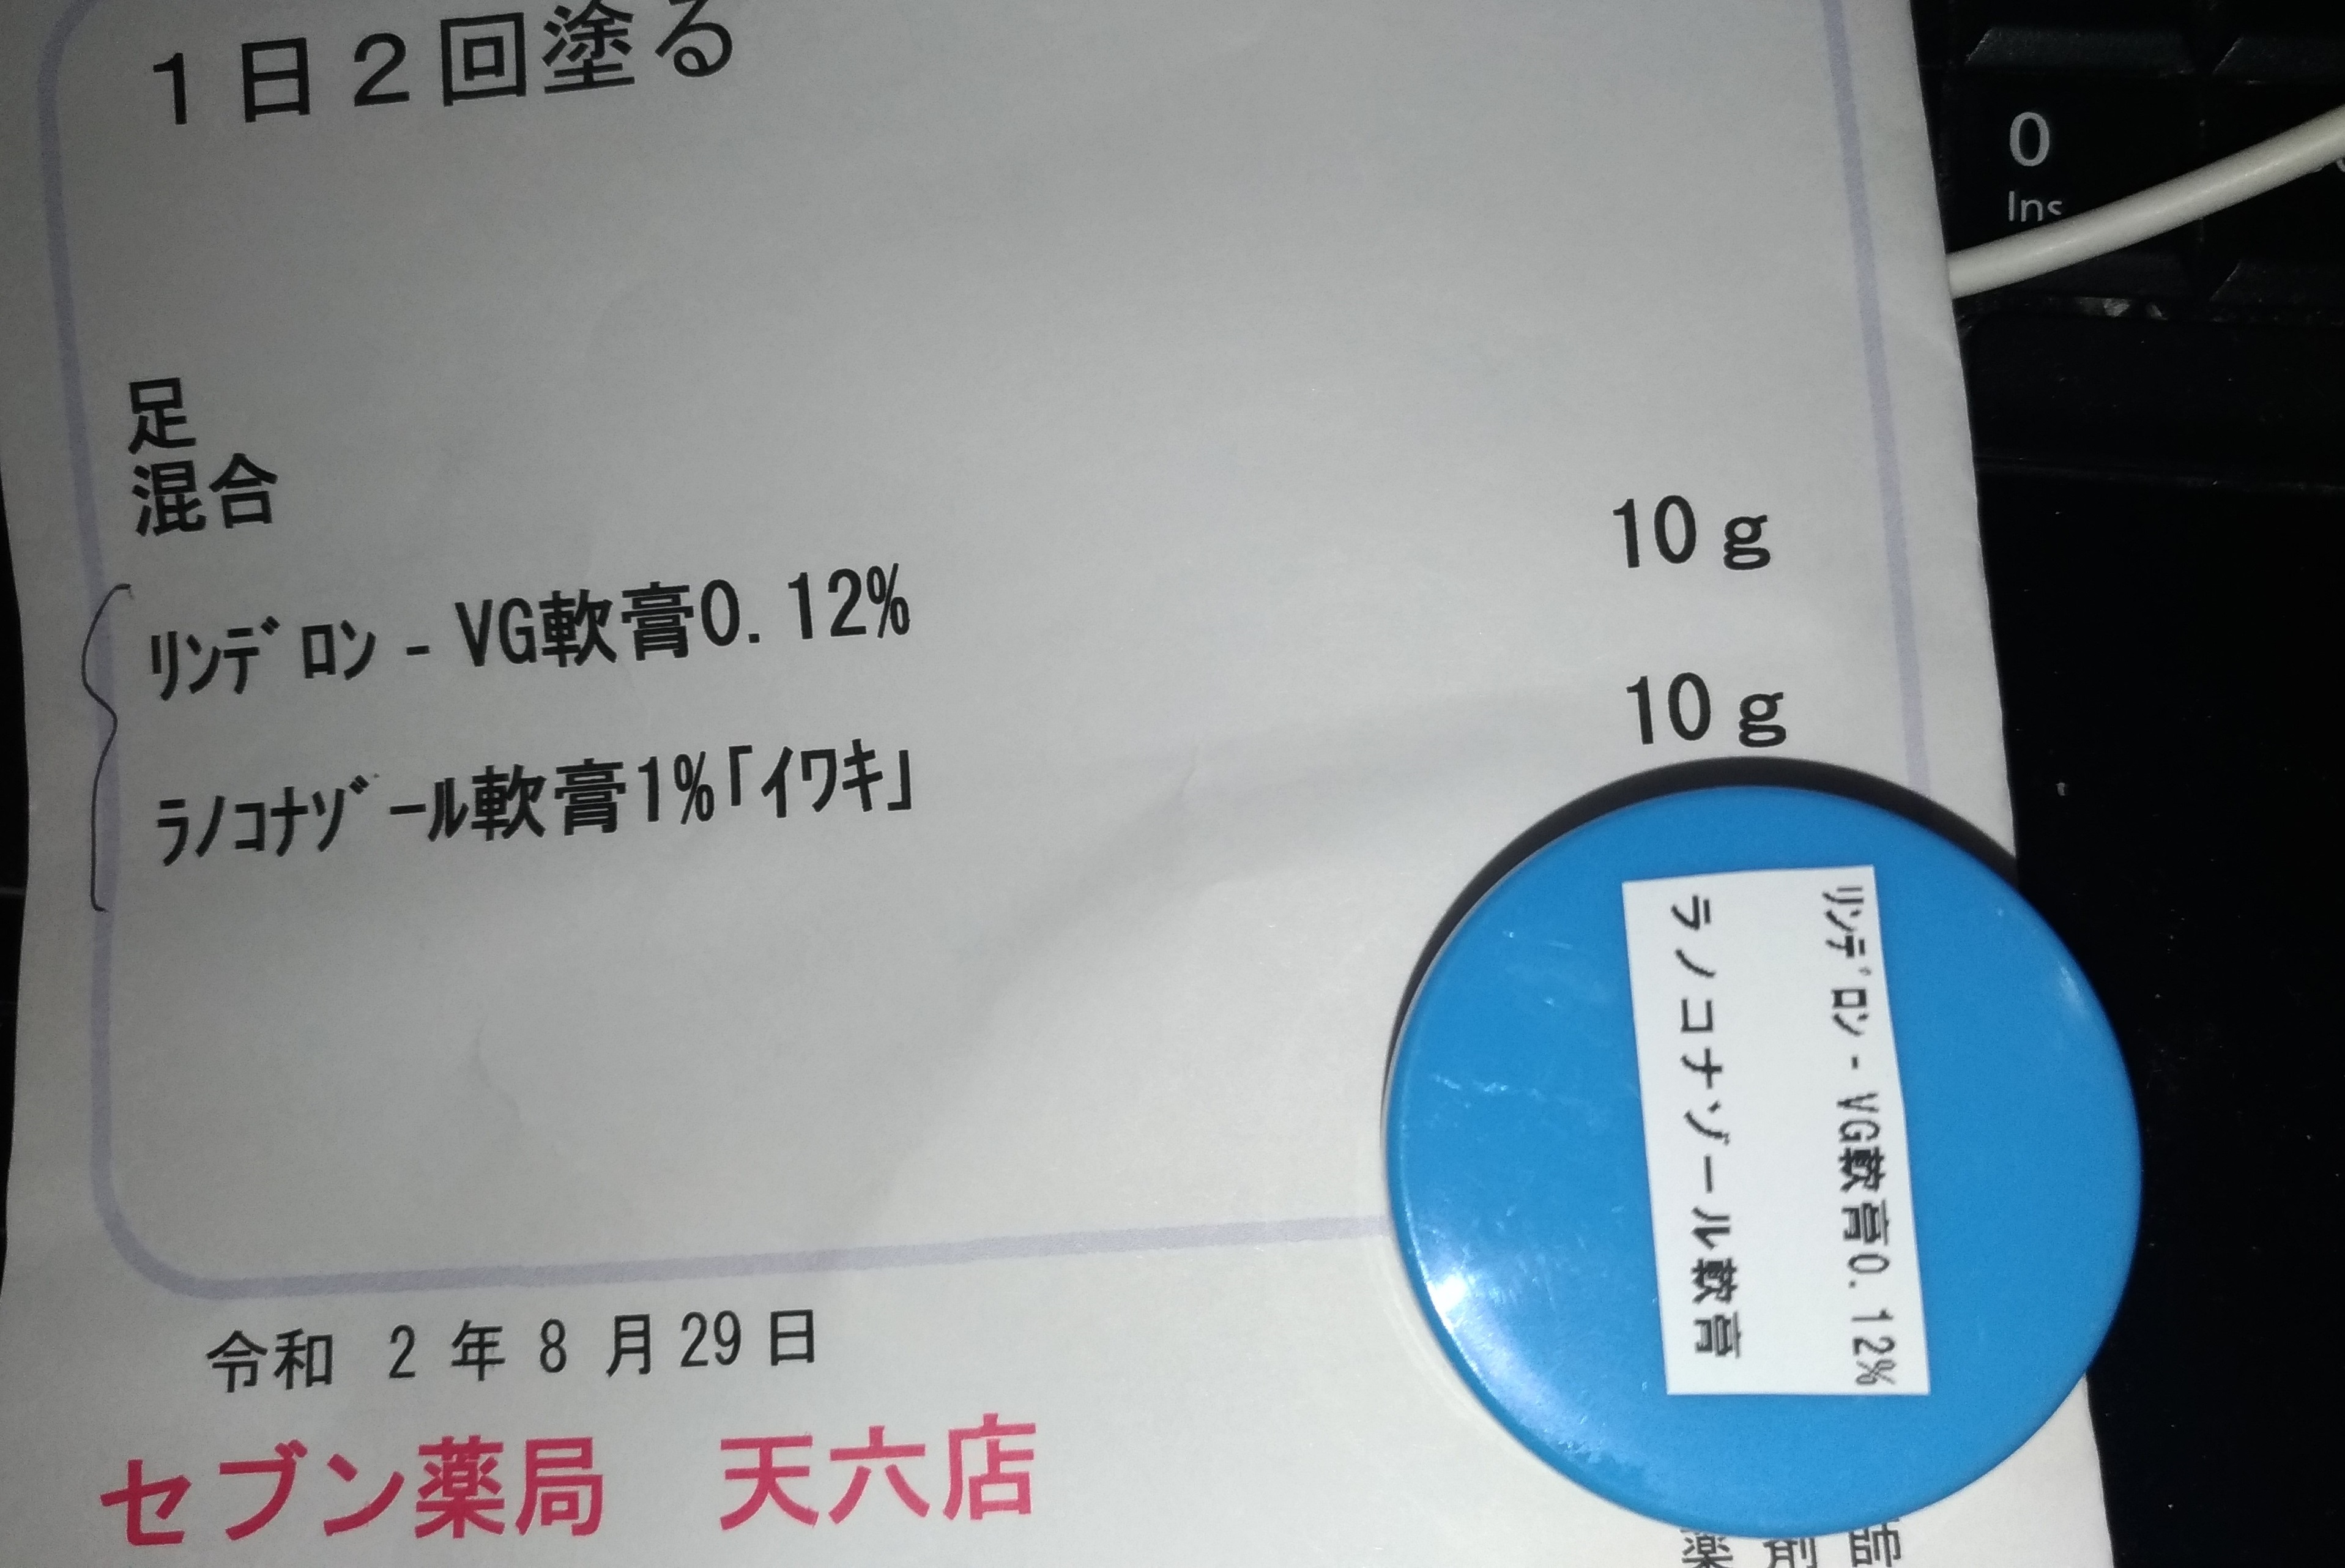 mizumushi_2020_08_hifuka_1.jpg